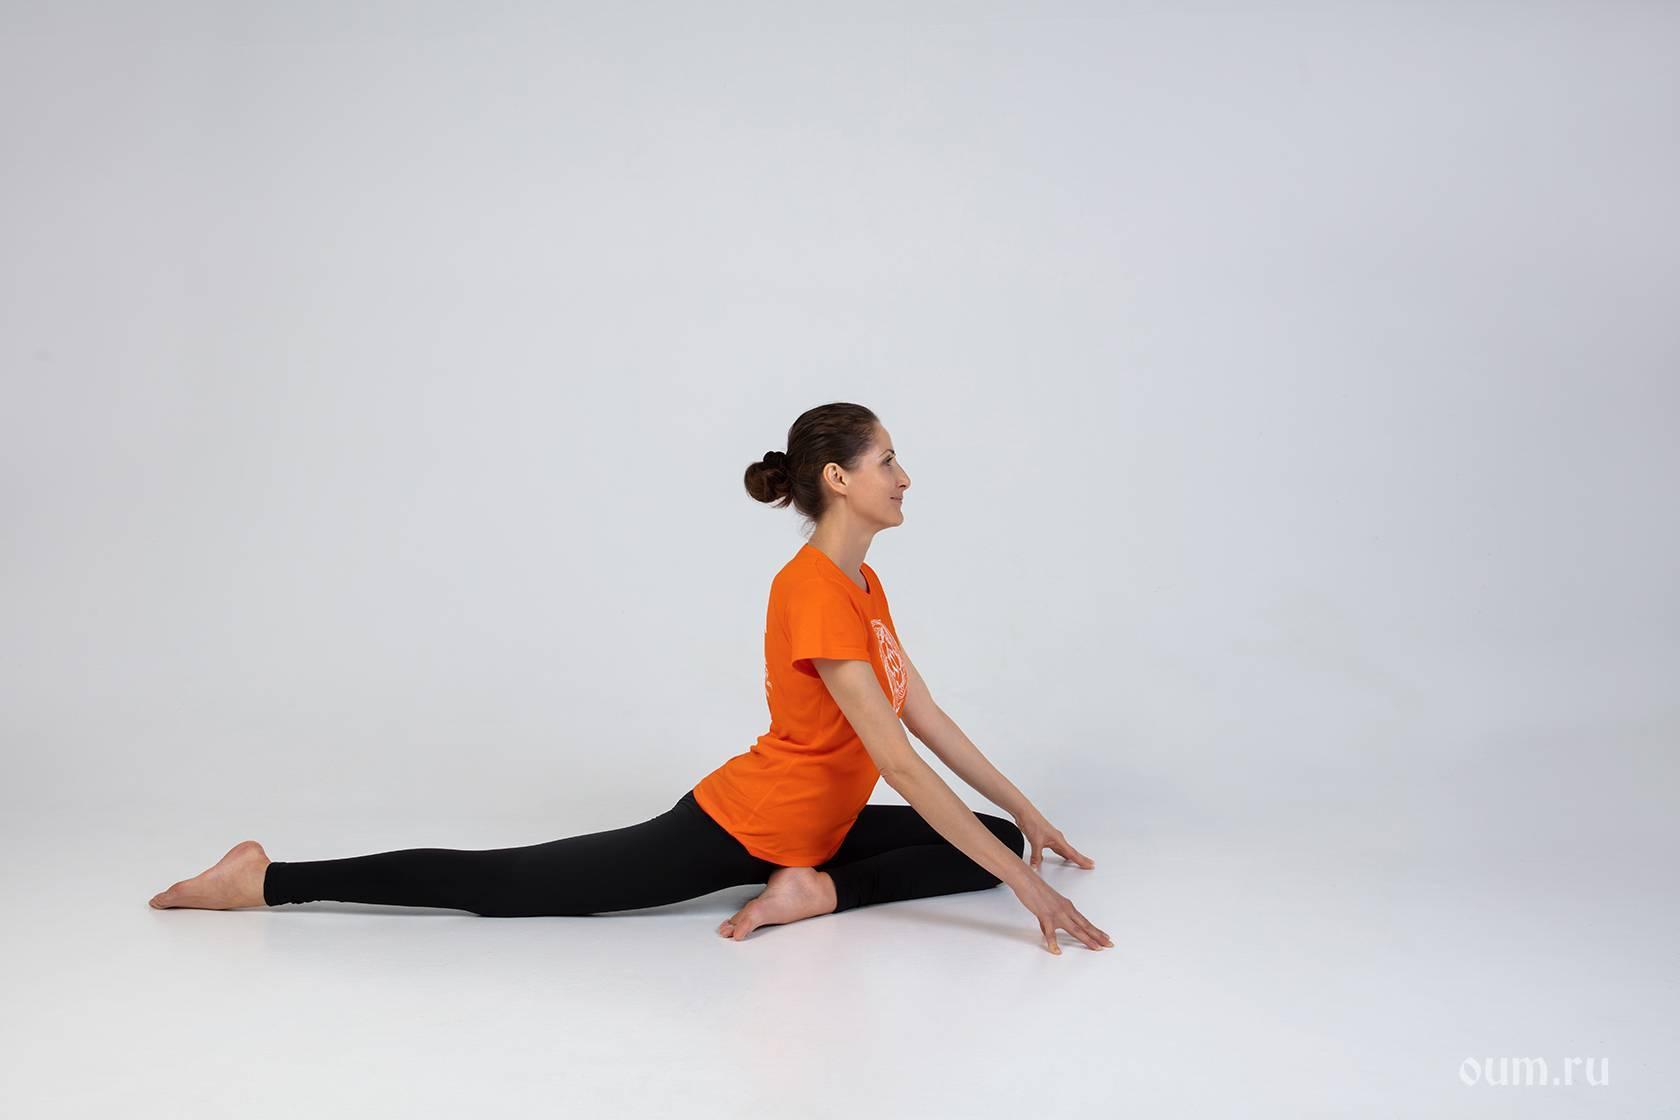 Собака мордой вверх (урдхва мукха шванасана): техника выполнения позы в йоге с фото и видео